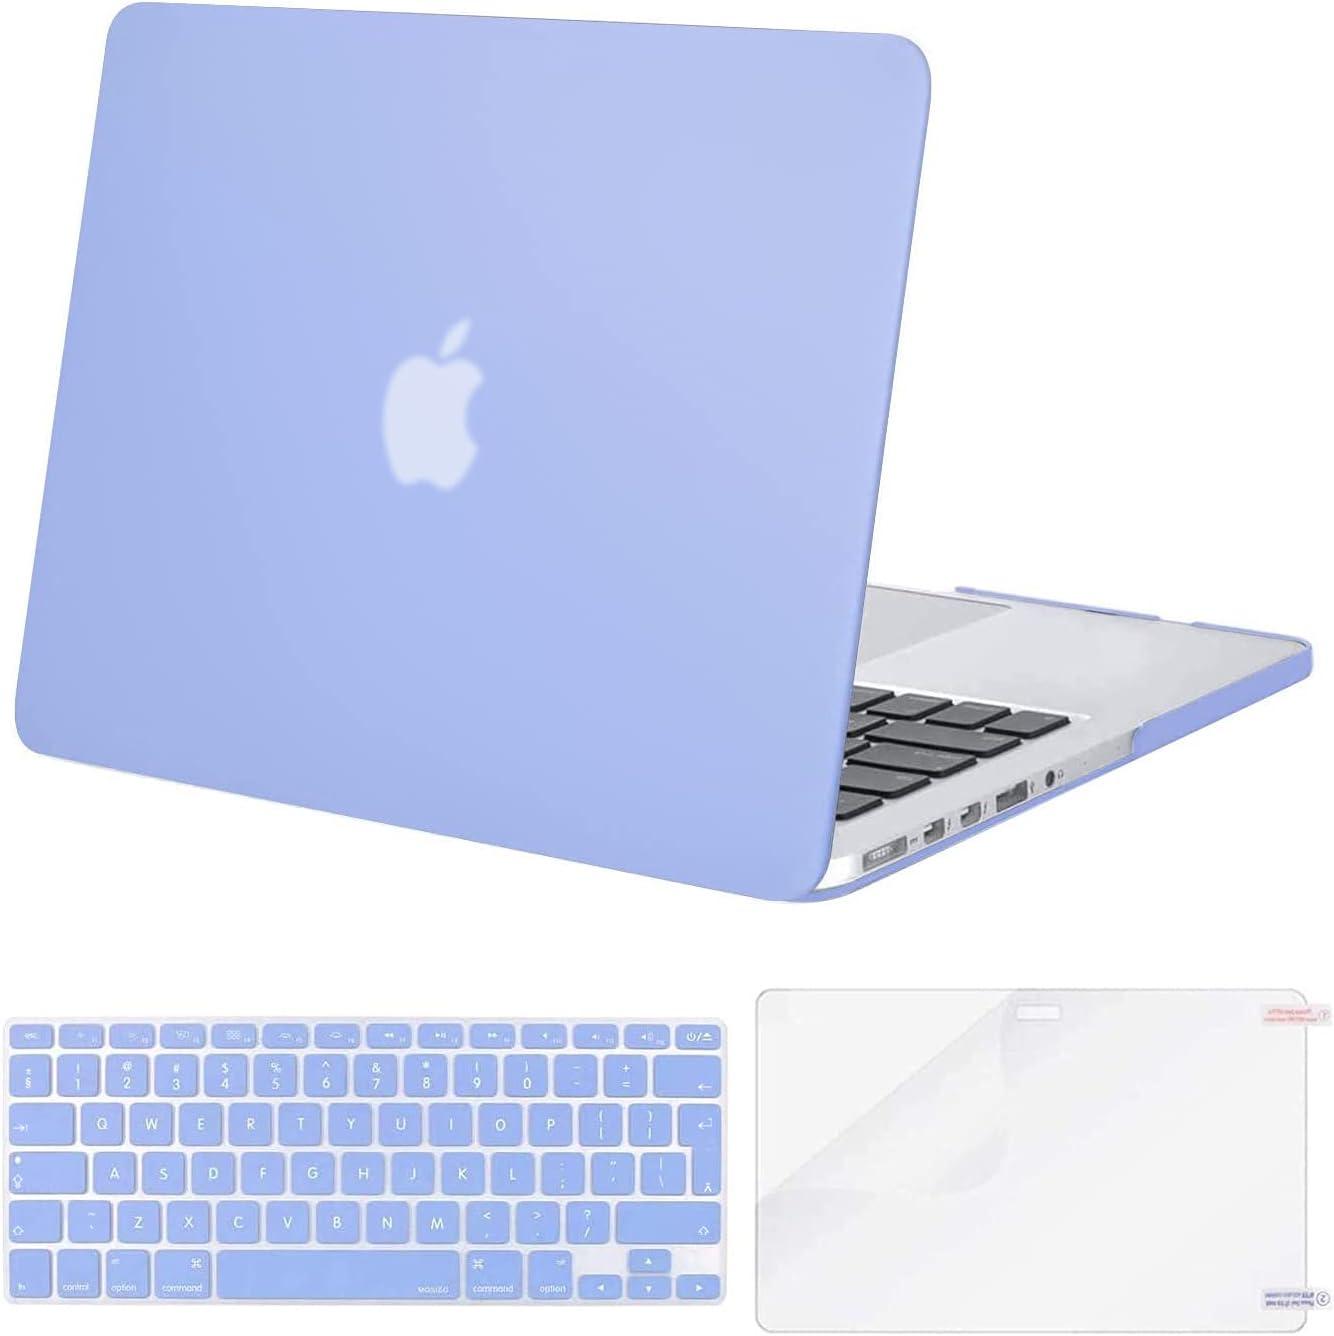 MOSISO Funda Dura Compatible con MacBook Pro 13 Retina A1425 / A1502 (Versión 2015/2014/2013/fin 2012), Carcasa Rígida de Plástico & Cubierta de Teclado & Protector de Pantalla, Azul Serenidad